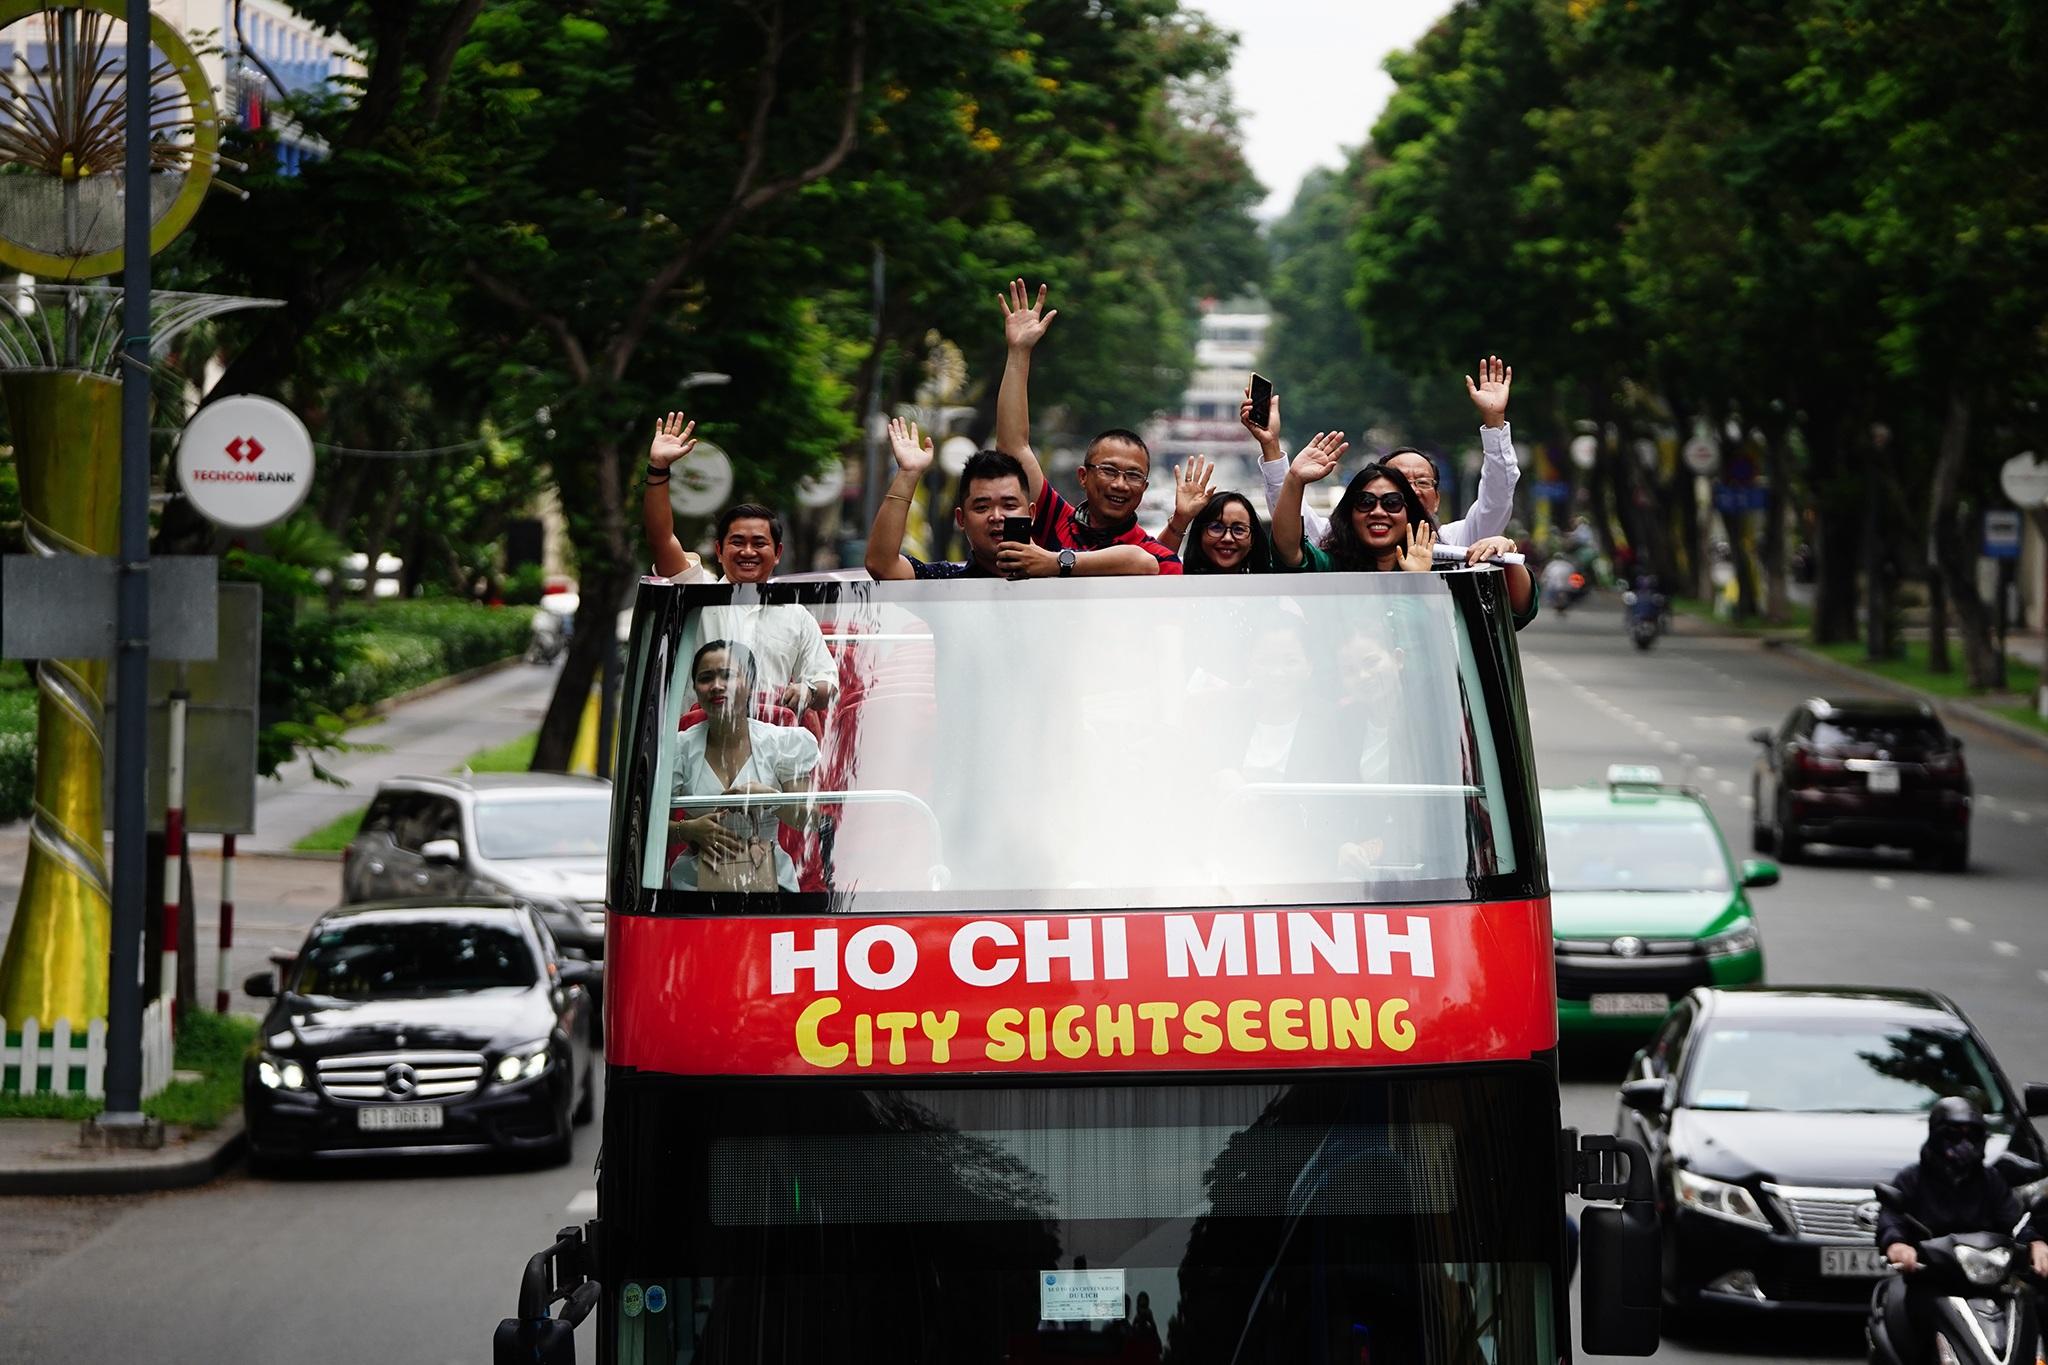 TP.HCM tăng tốc kích cầu du lịch nội địa với gần 300.000 vé ưu đãi - 11